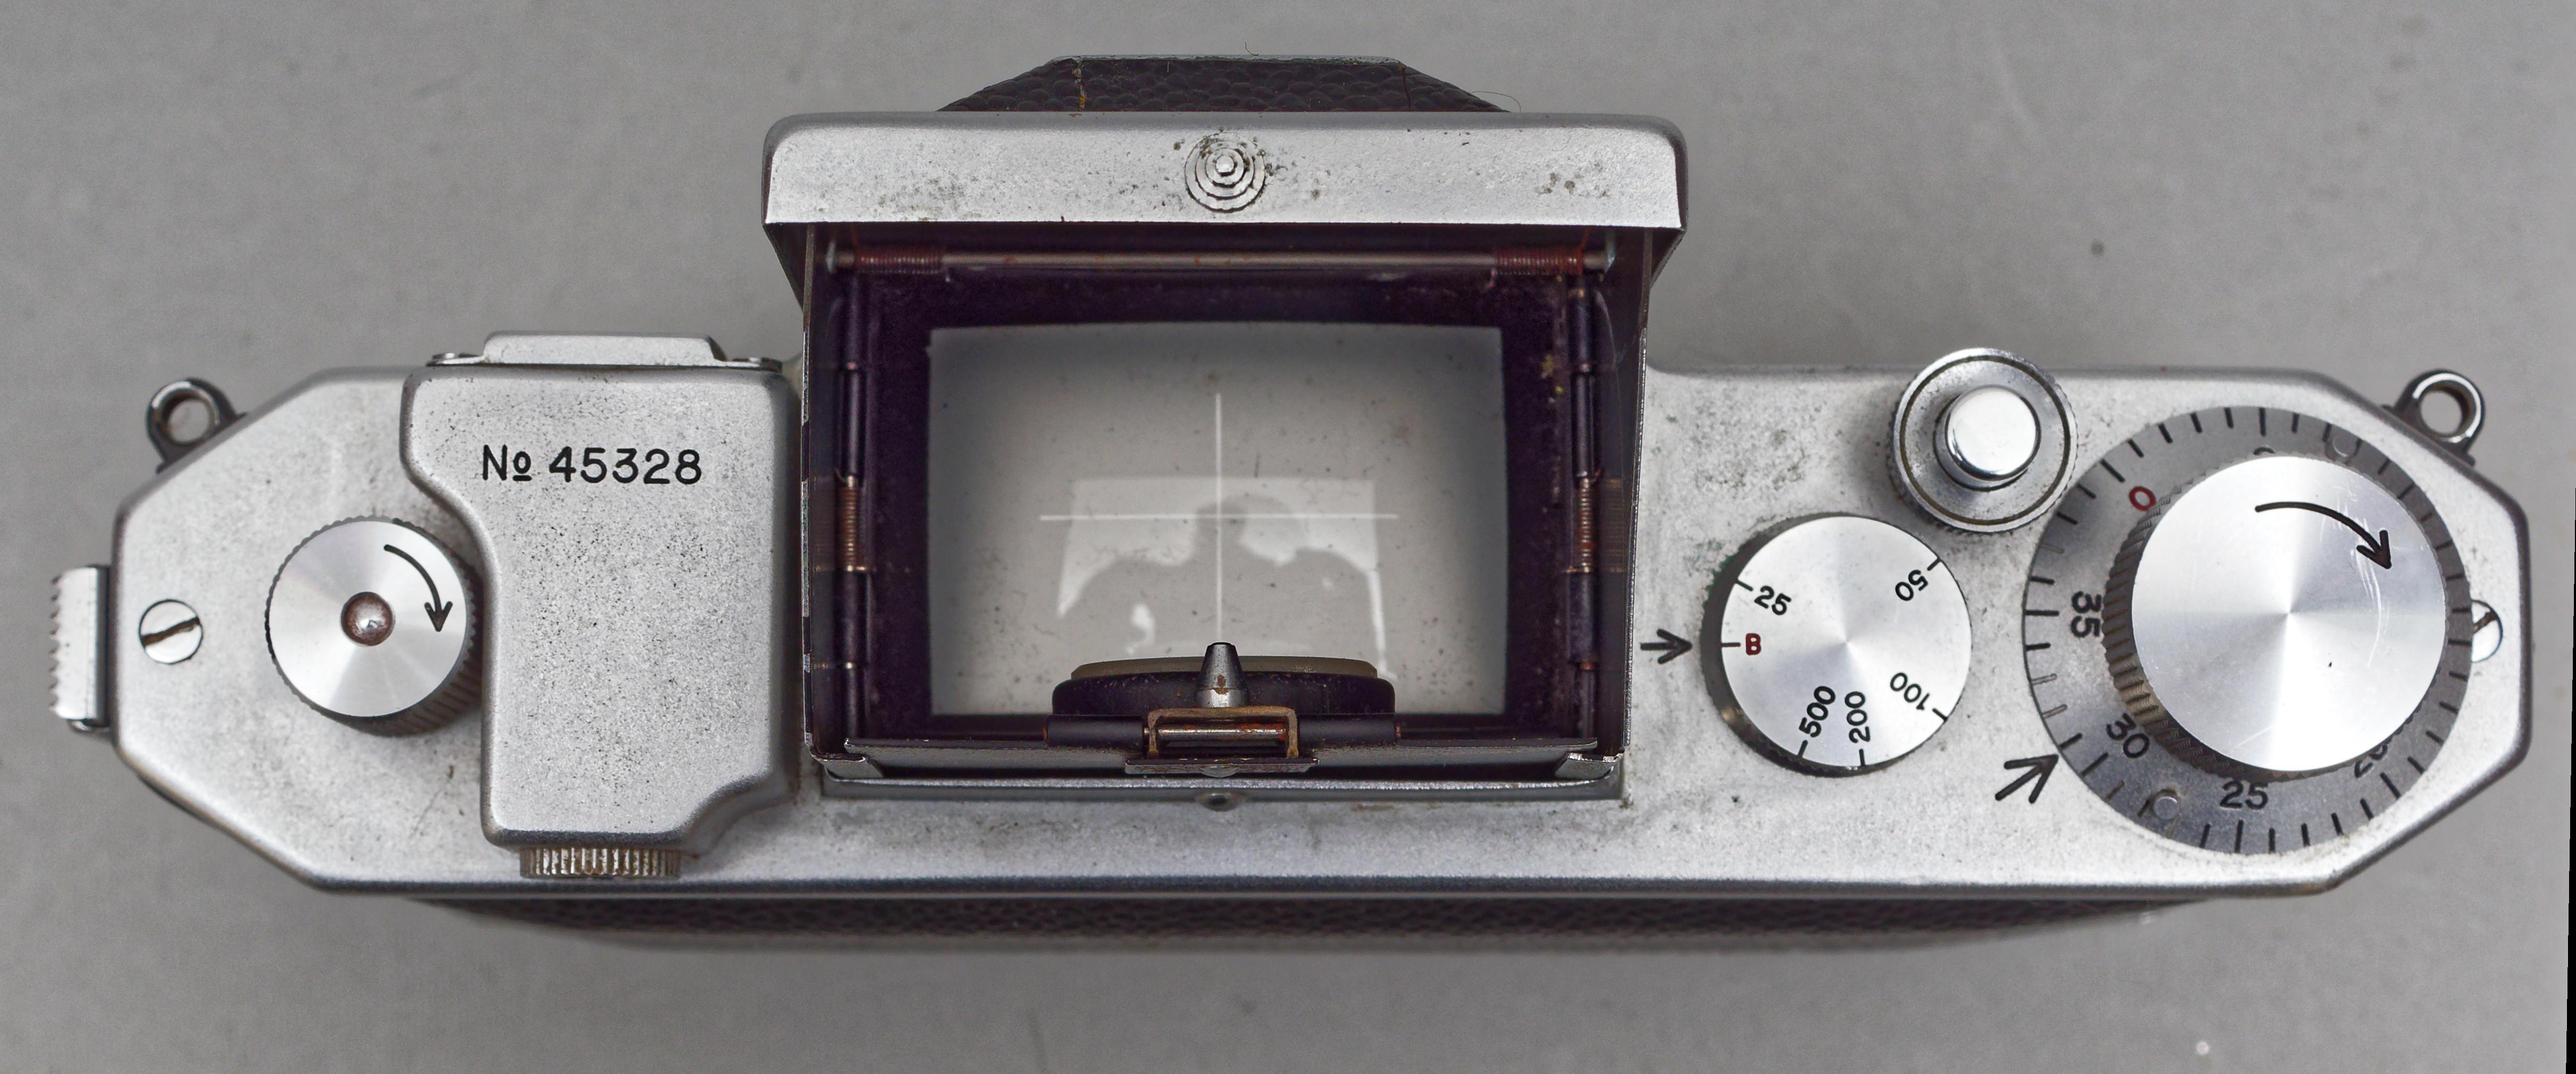 Asahiflex-1a-5.jpeg